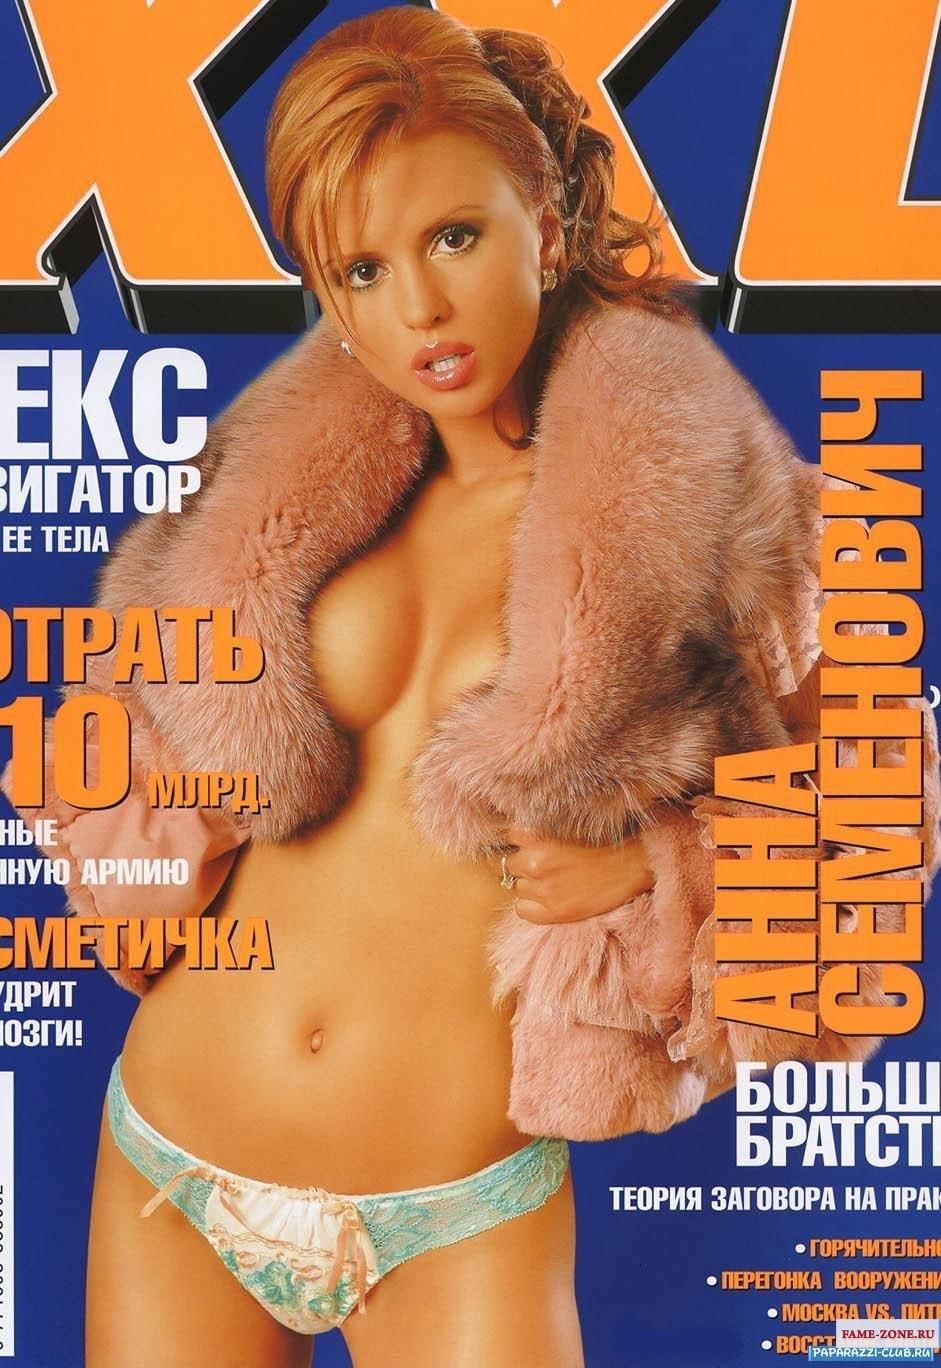 Асеменович и негр пиздю фото секс фото 602-314